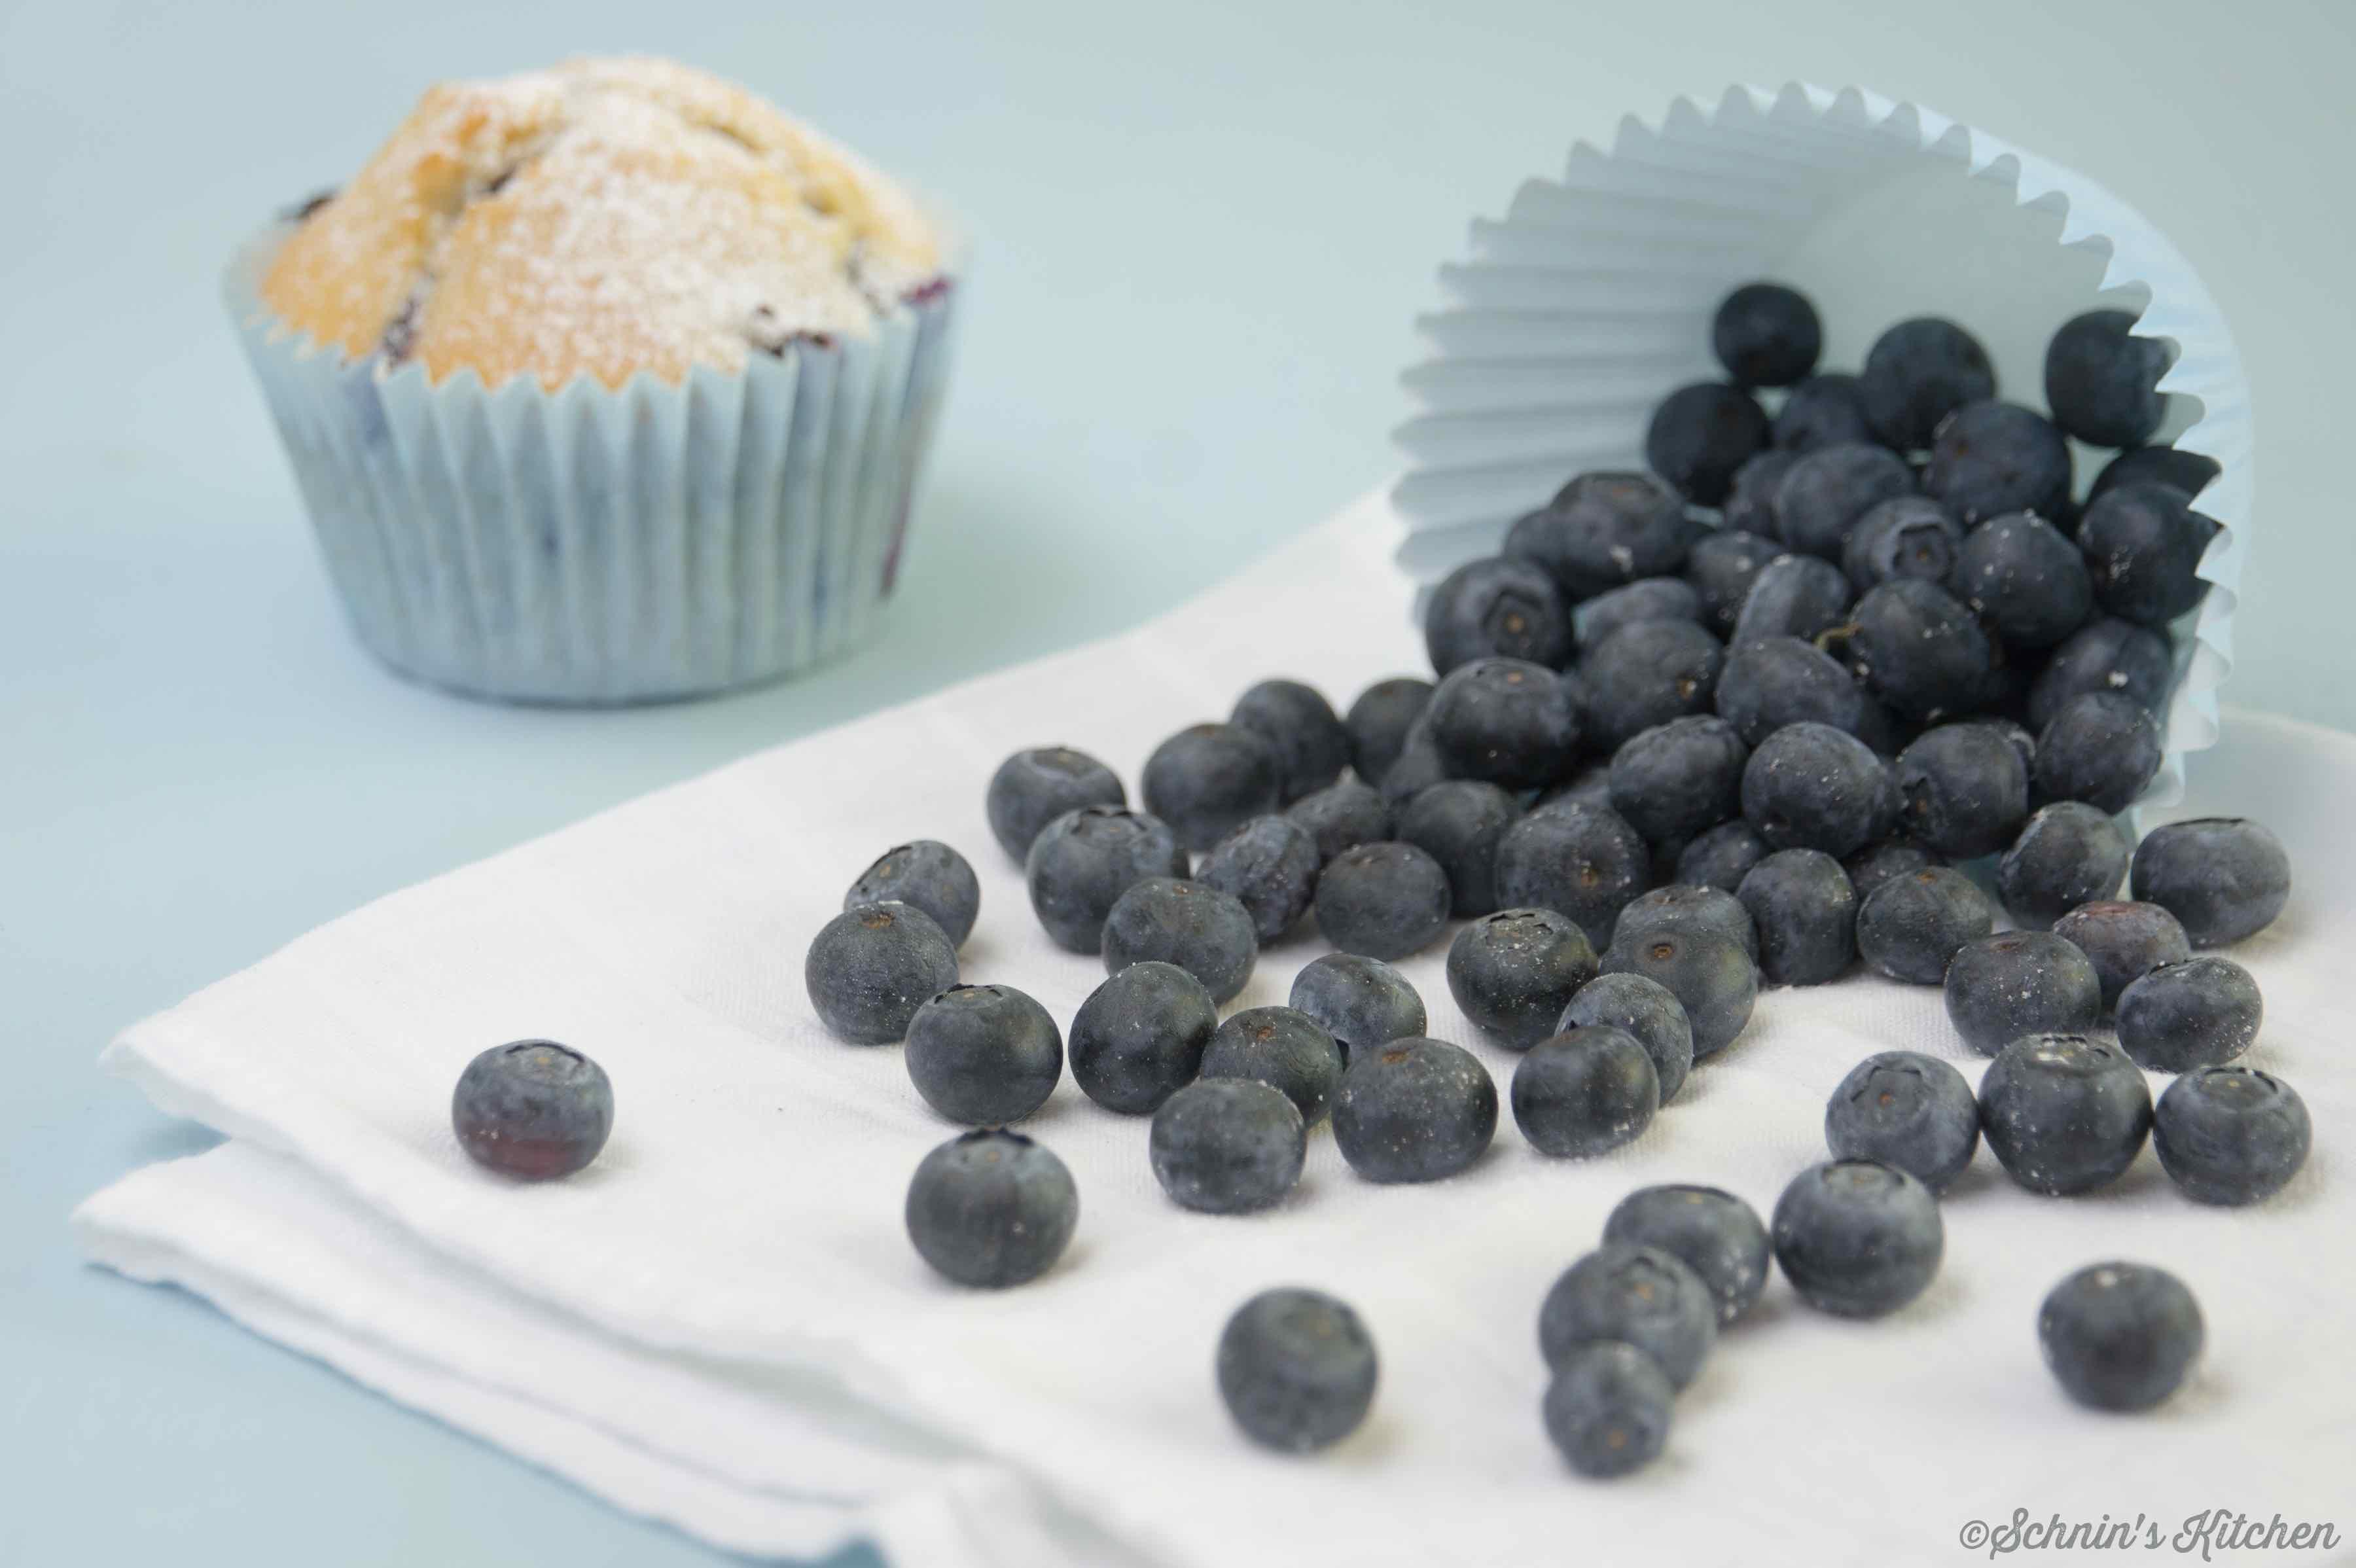 Schnin's Kitchen: Blaubeermuffins